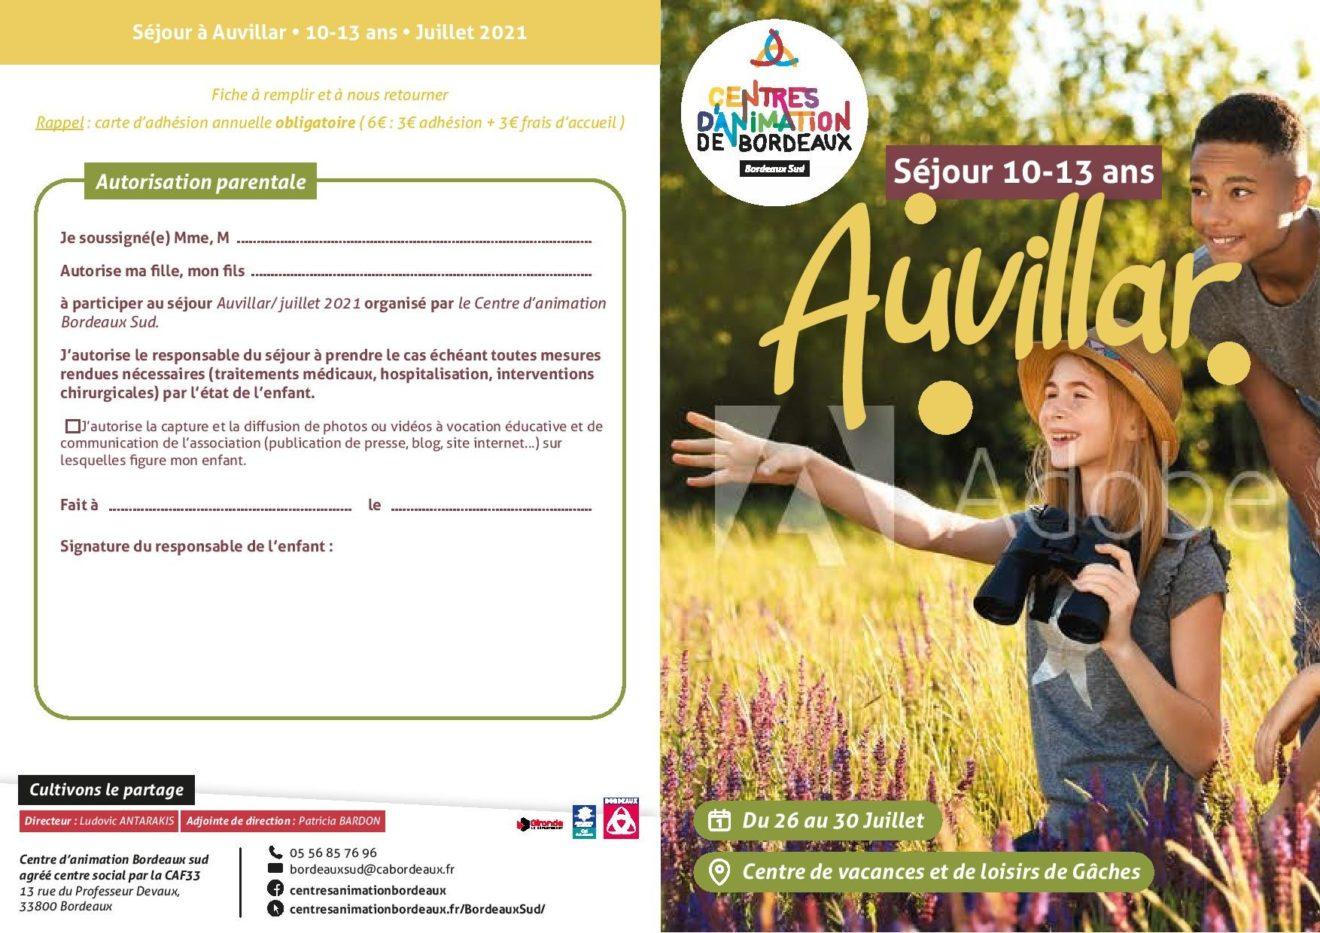 sejour_auvillar_jeunes_DEPLIANT-page-001